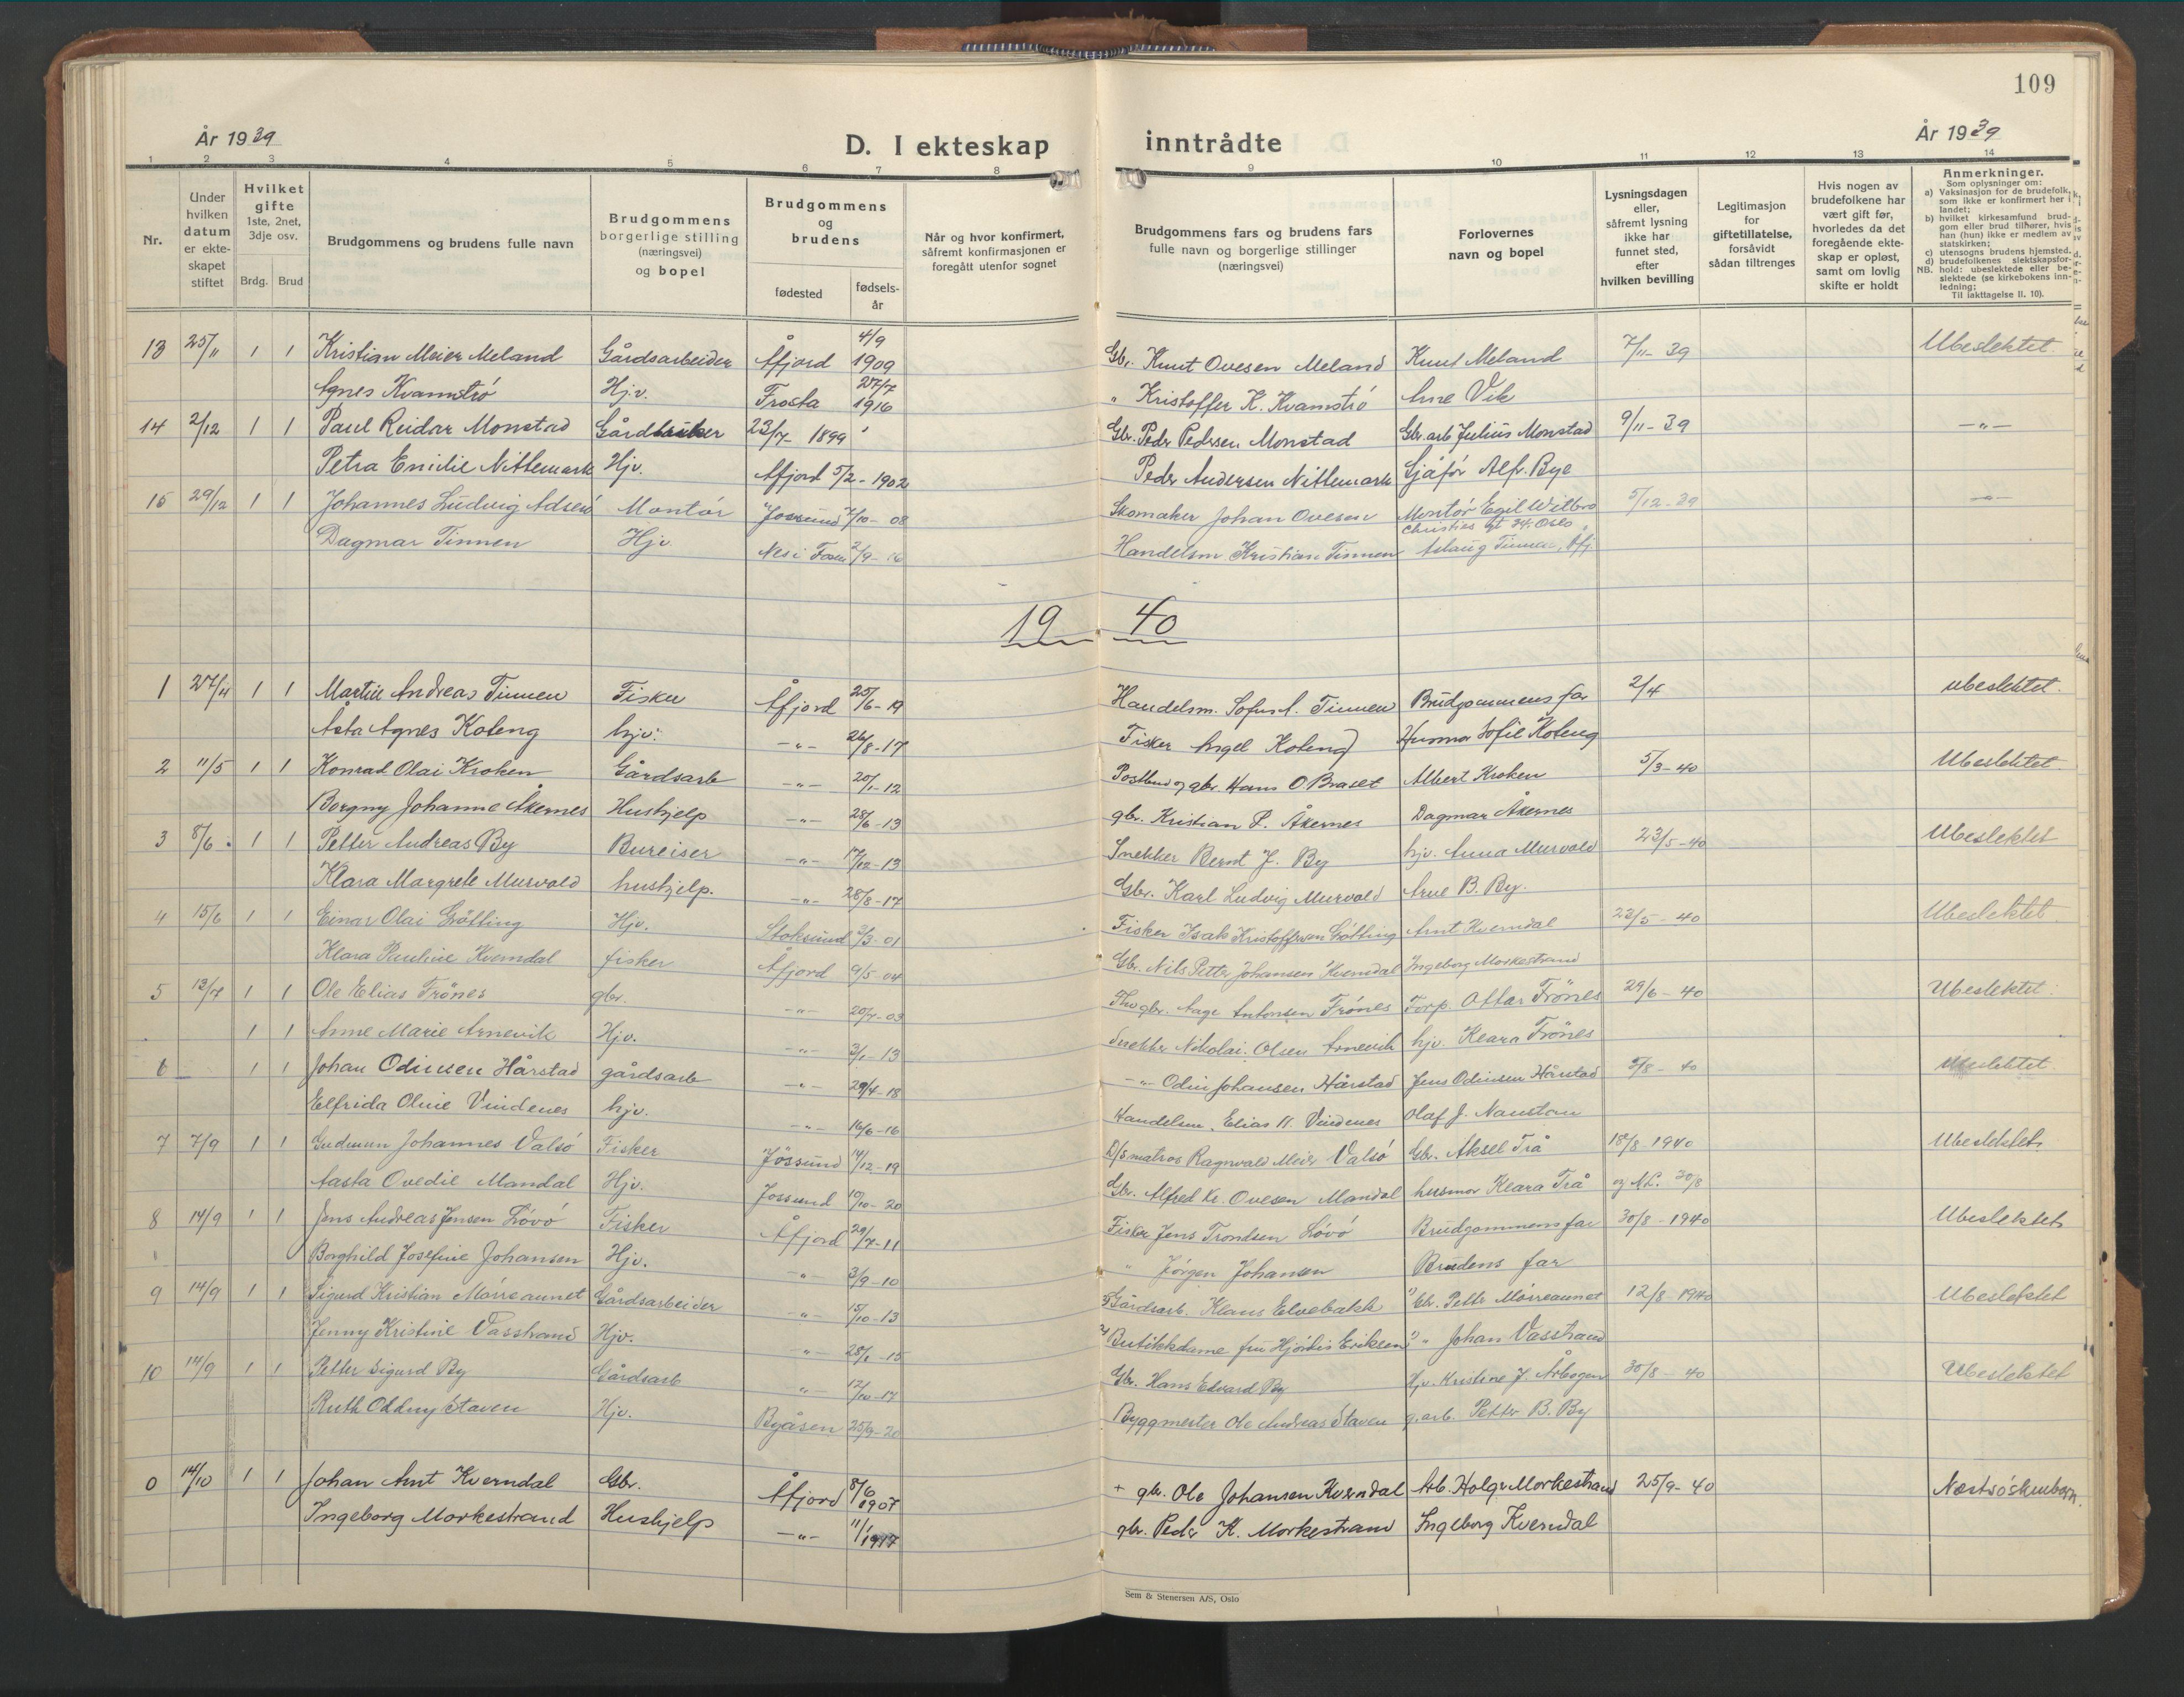 SAT, Ministerialprotokoller, klokkerbøker og fødselsregistre - Sør-Trøndelag, 655/L0690: Klokkerbok nr. 655C06, 1937-1950, s. 109